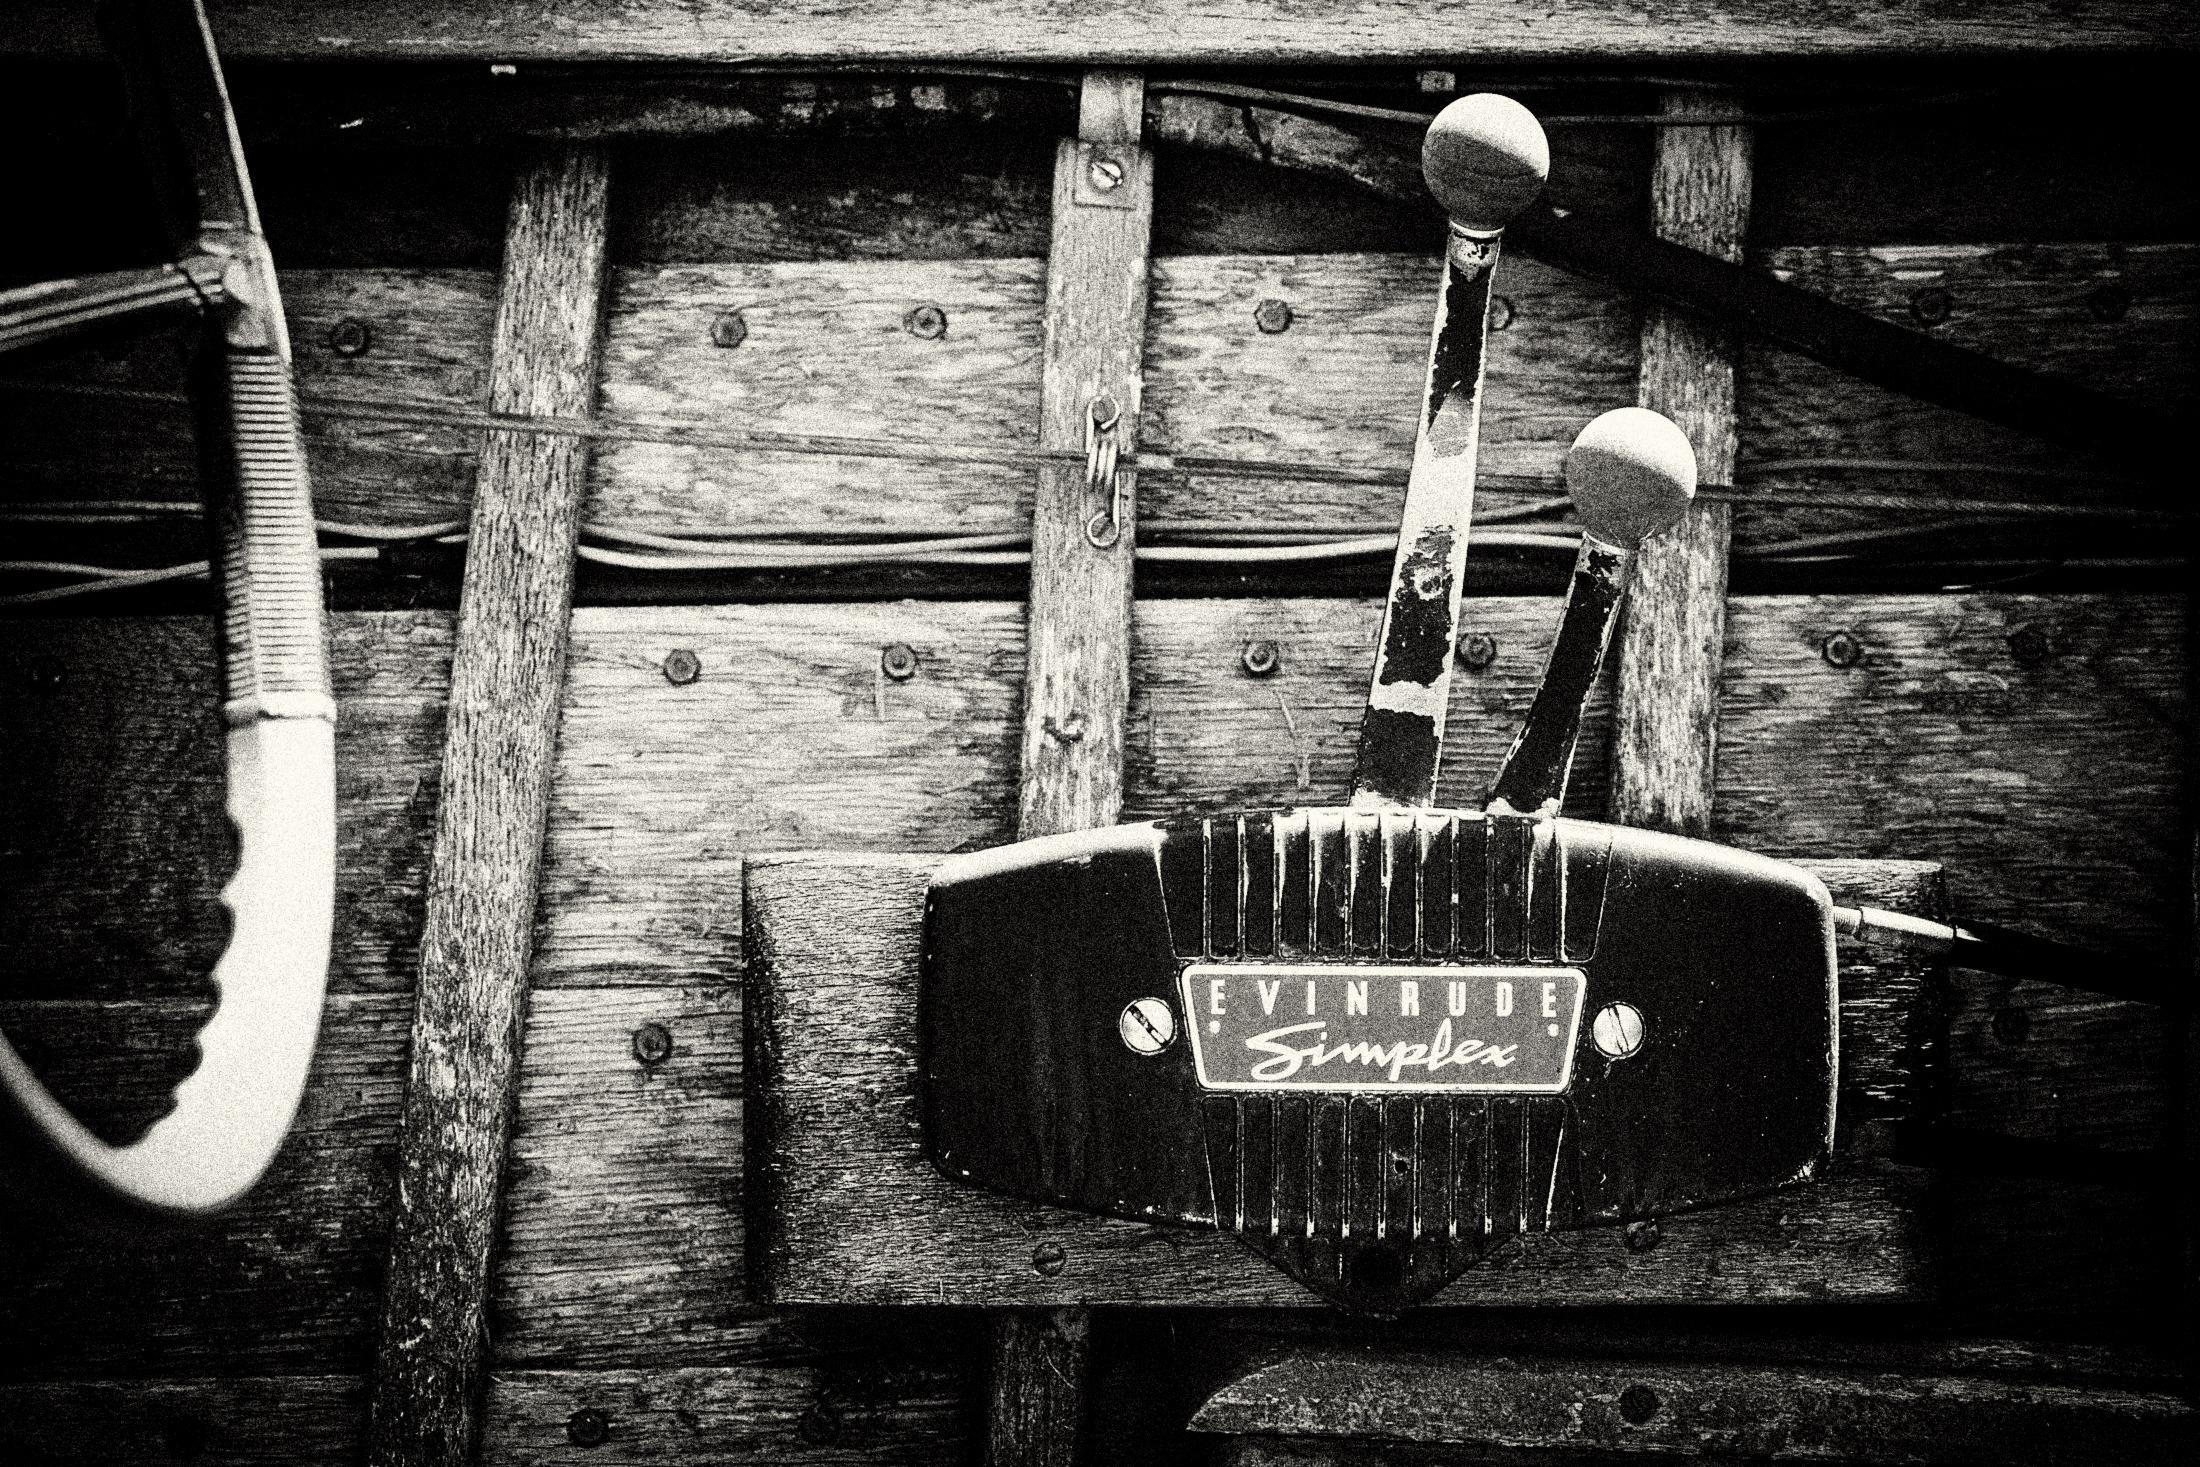 Fotos gratis : en blanco y negro, barco, fotografía, antiguo, pintar ...